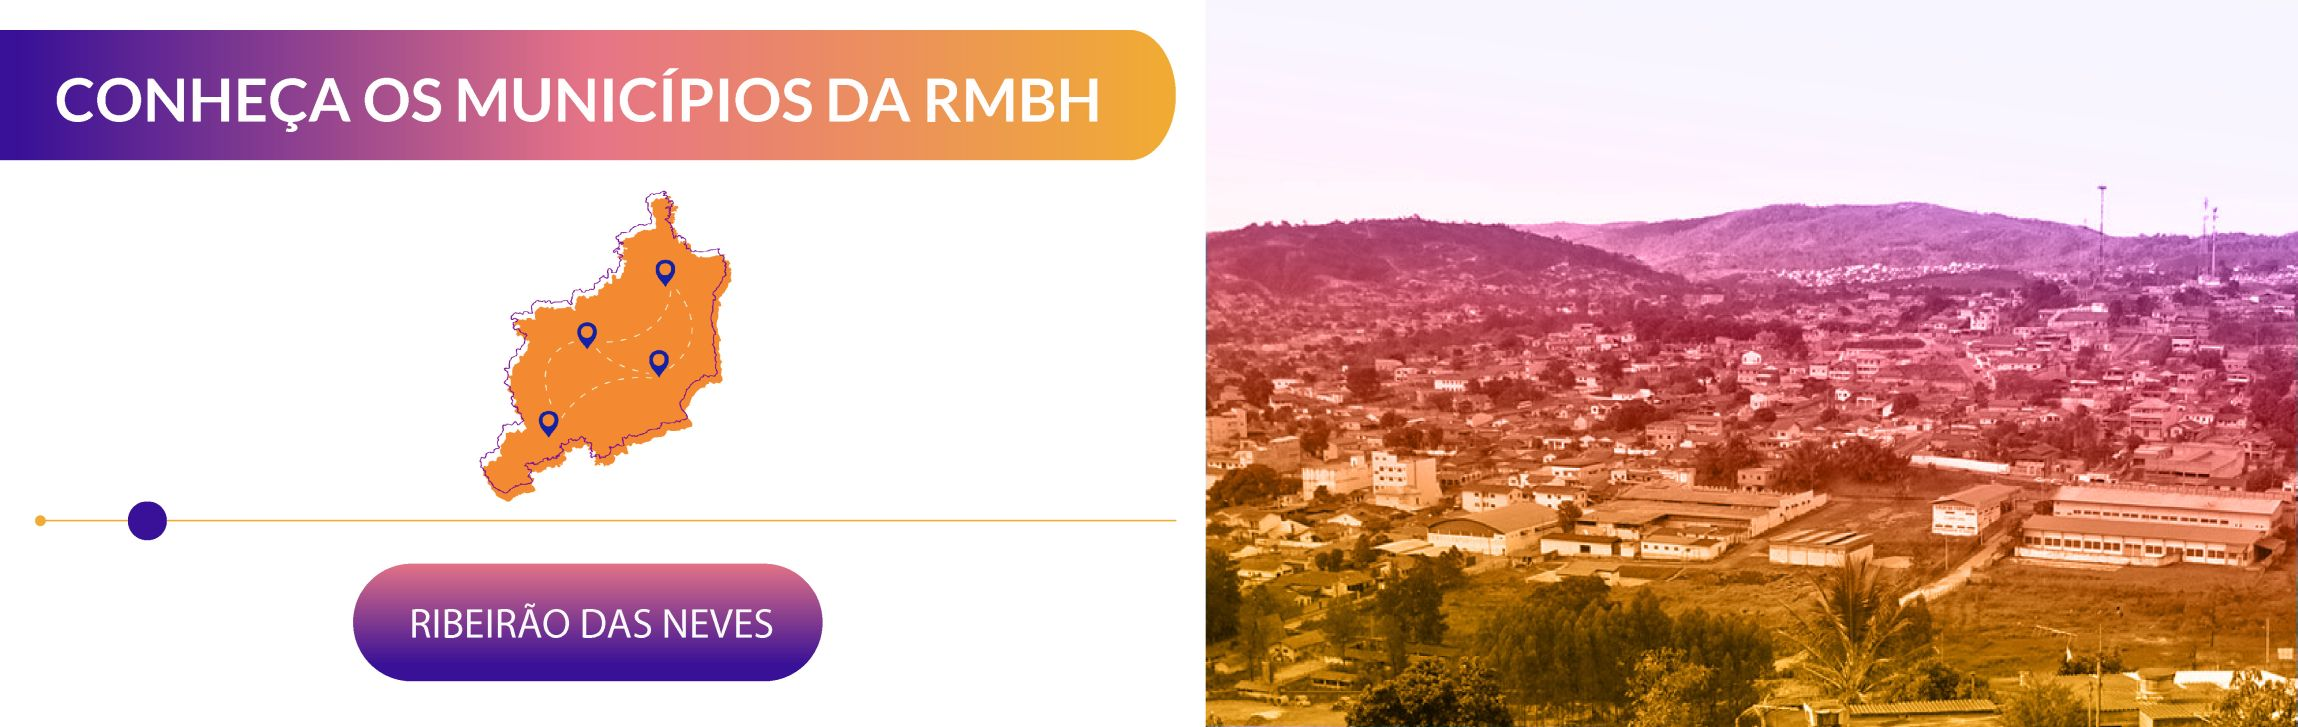 banner-municipio-ribeirãodasneves-01